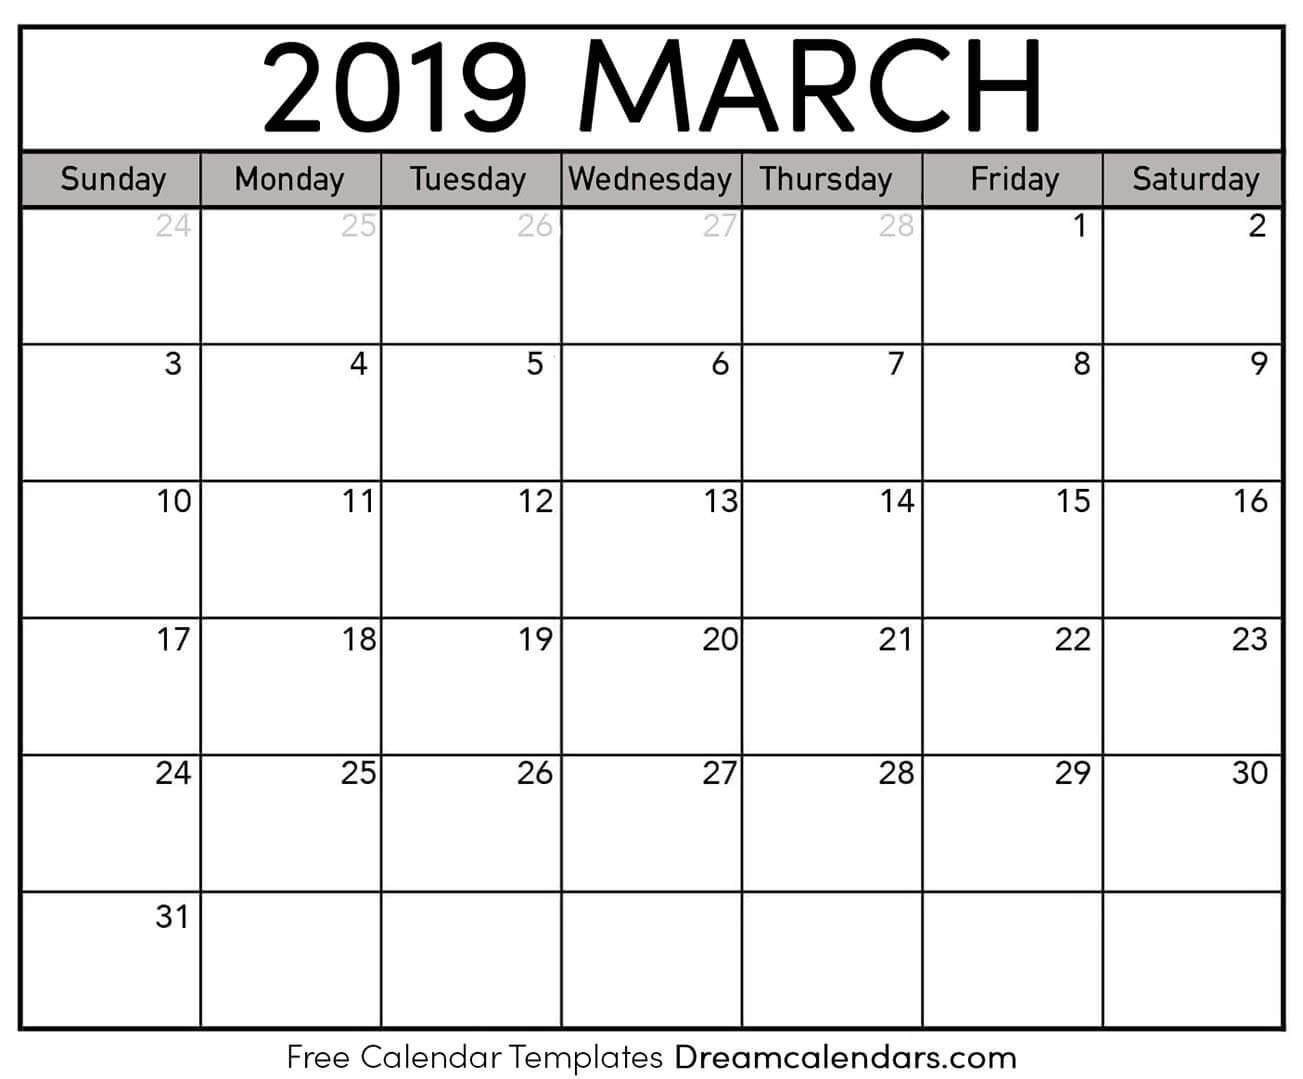 picture regarding Printable March Calendar called March 2019 Calendar